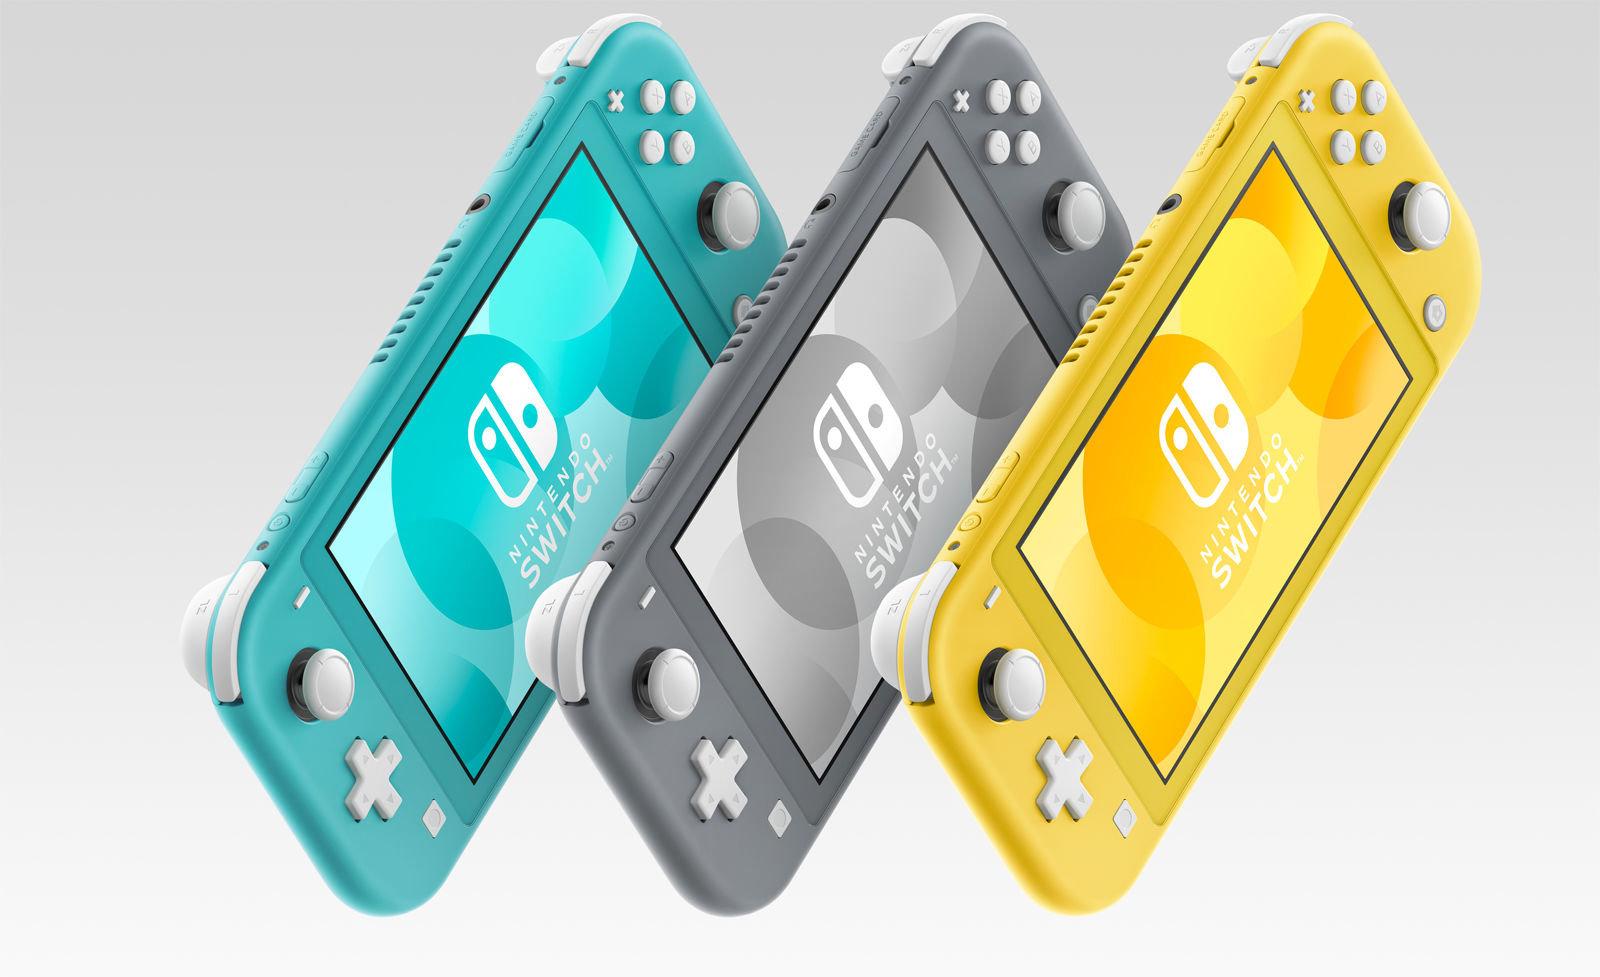 Nintendo annonce l'arrivée de Switch Lite, une version allégée de sa console portable